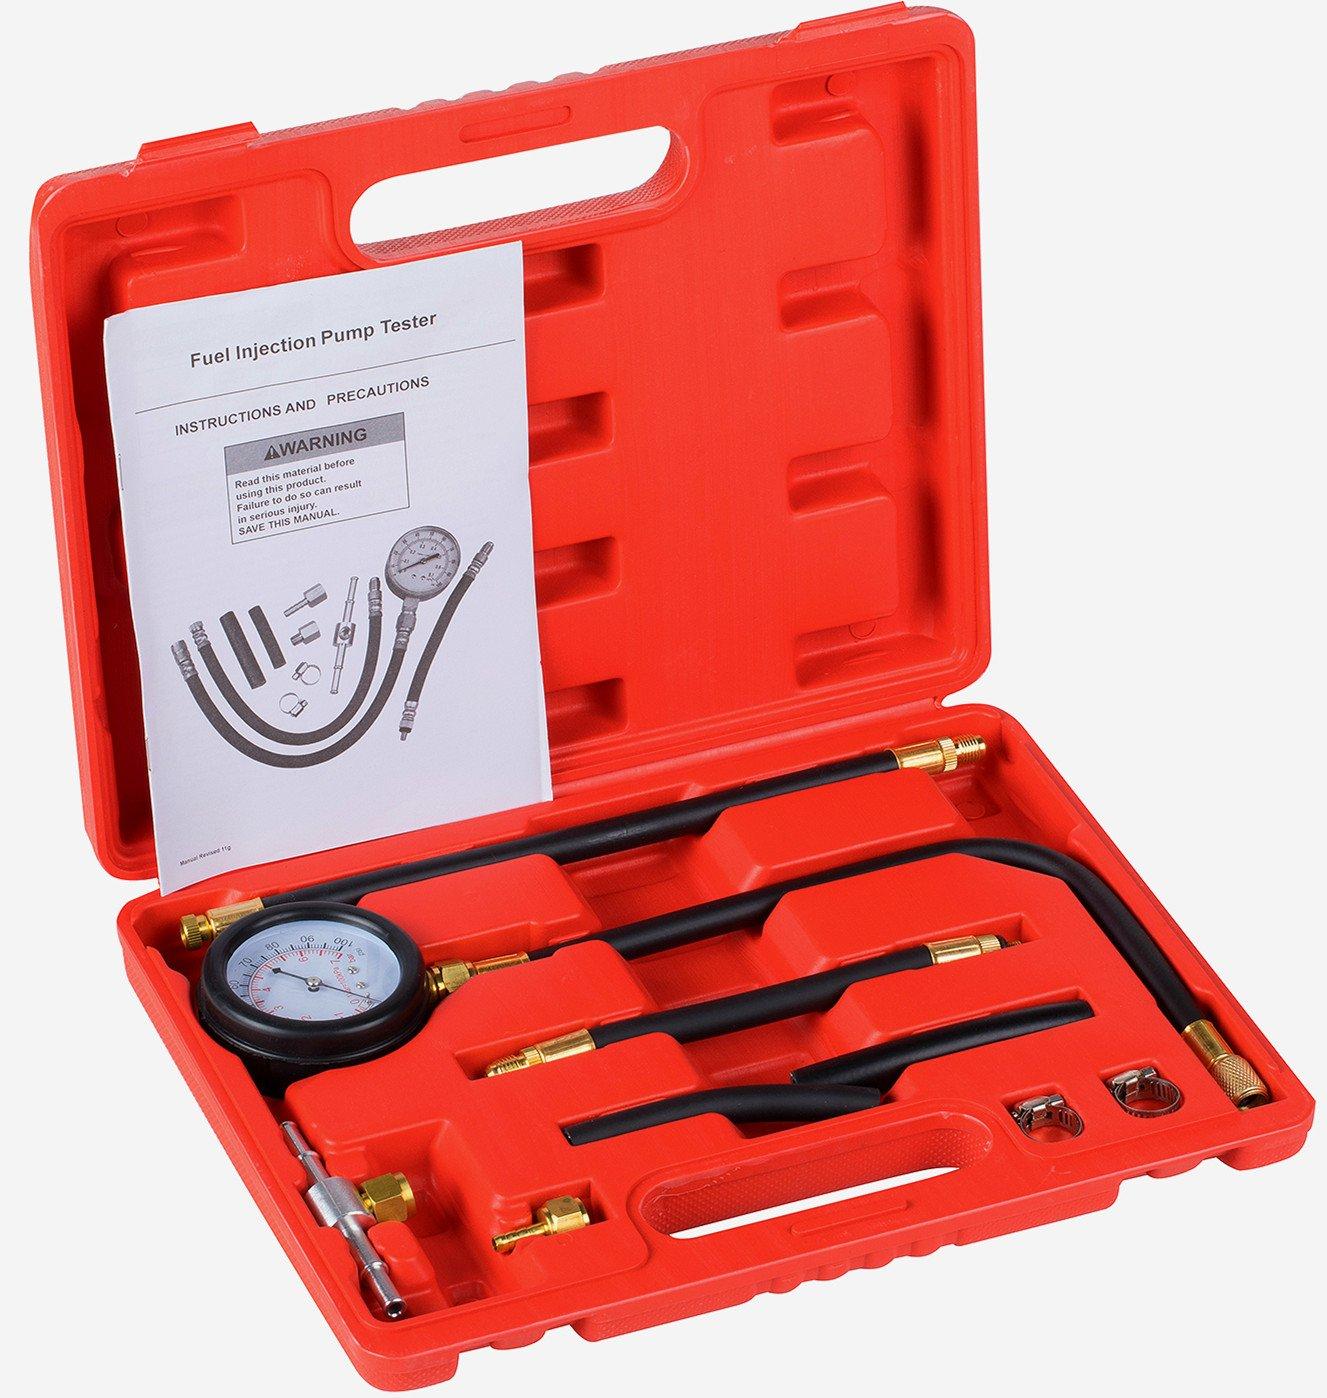 Detool Fuel Injection Pump Gas Gasoline Pressure Tester gauge Kit Car Tools for Cars & Truck